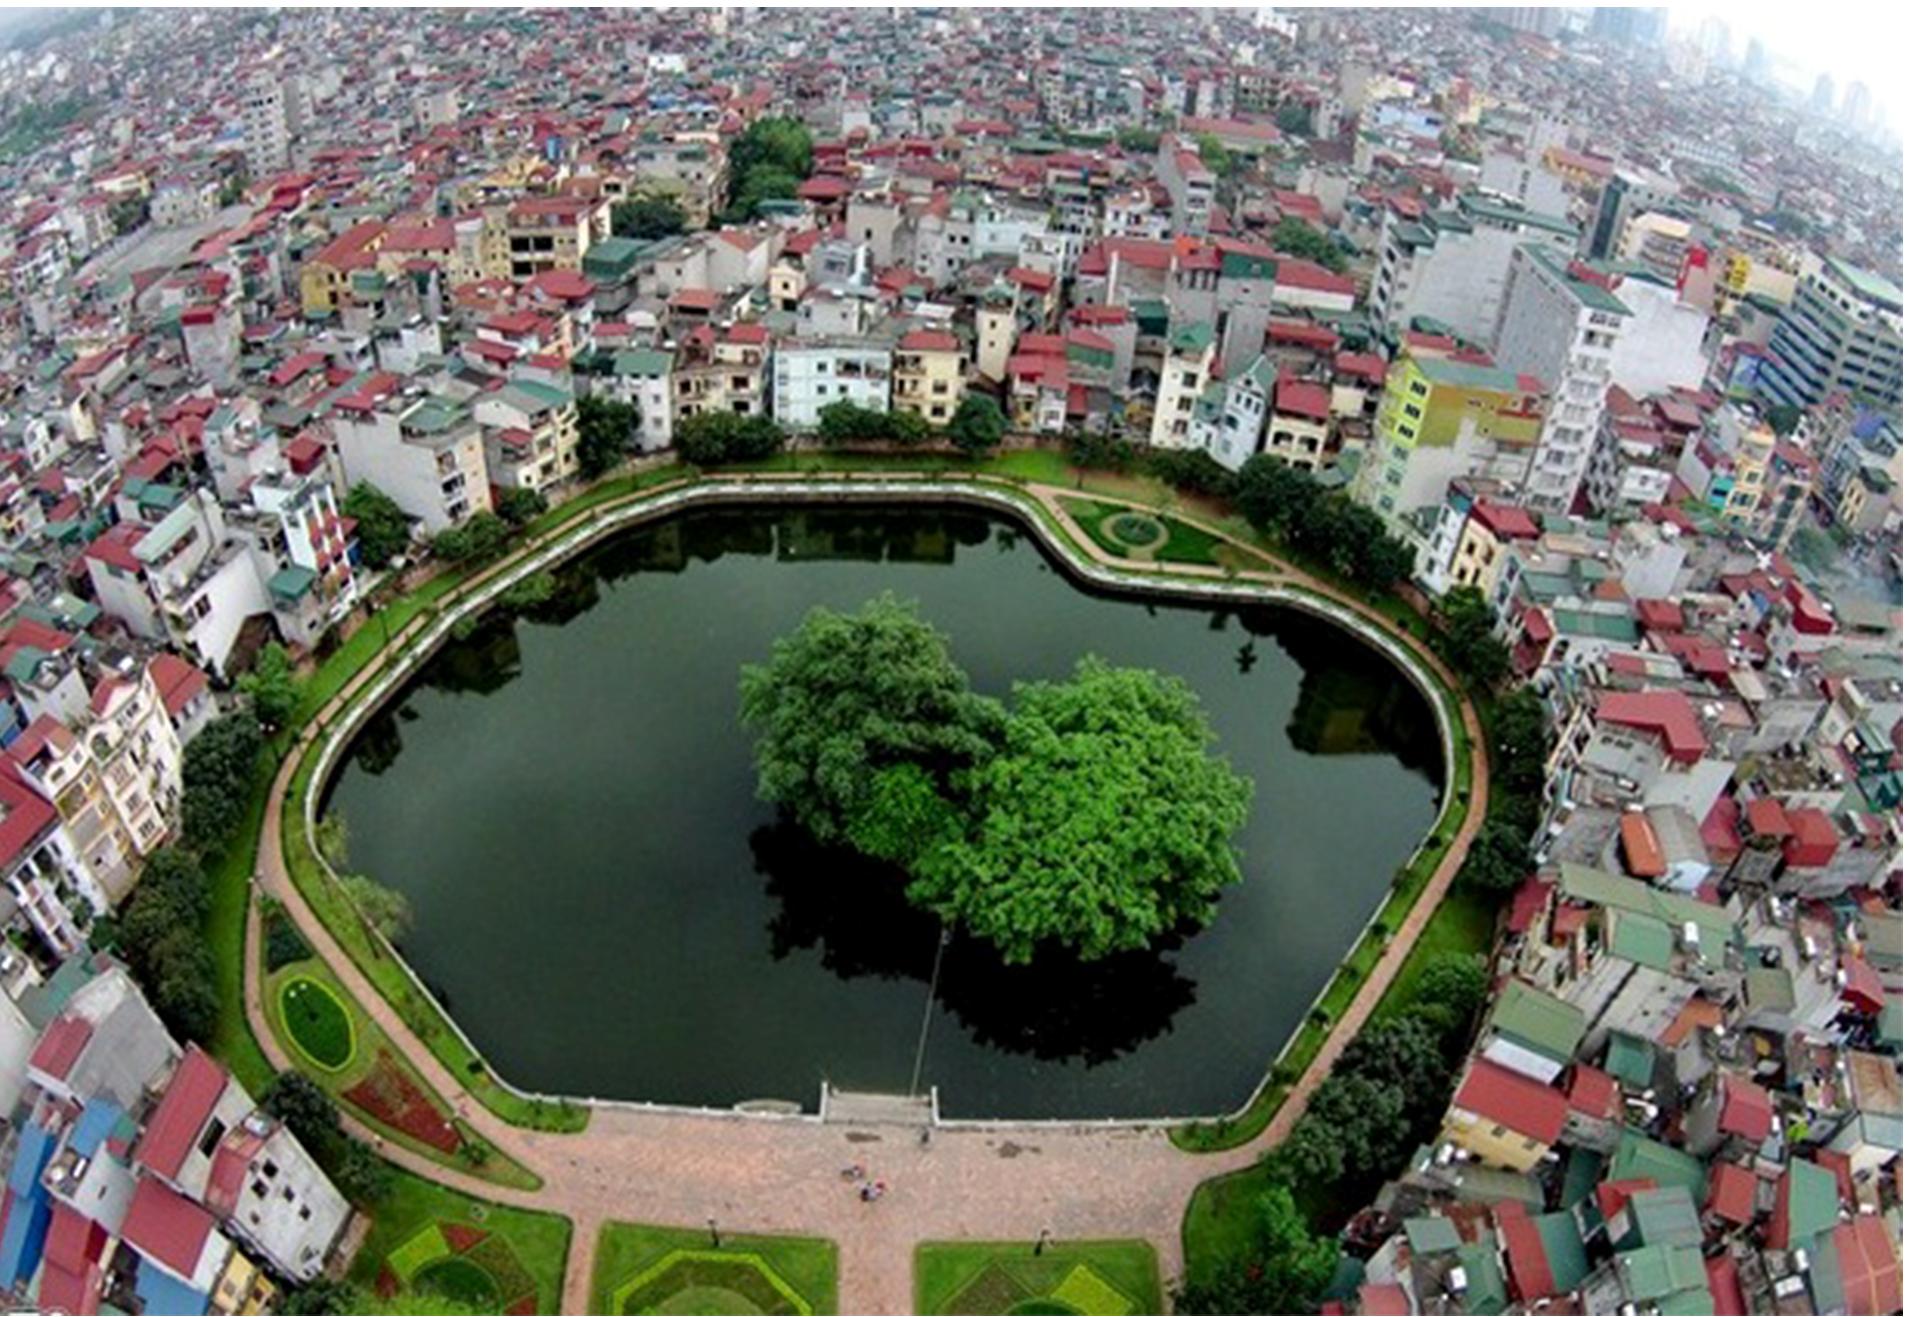 Phục dựng không gian văn hóa Hồ Văn, hướng tới phát triển du lịch Thủ đô sau đại dịch